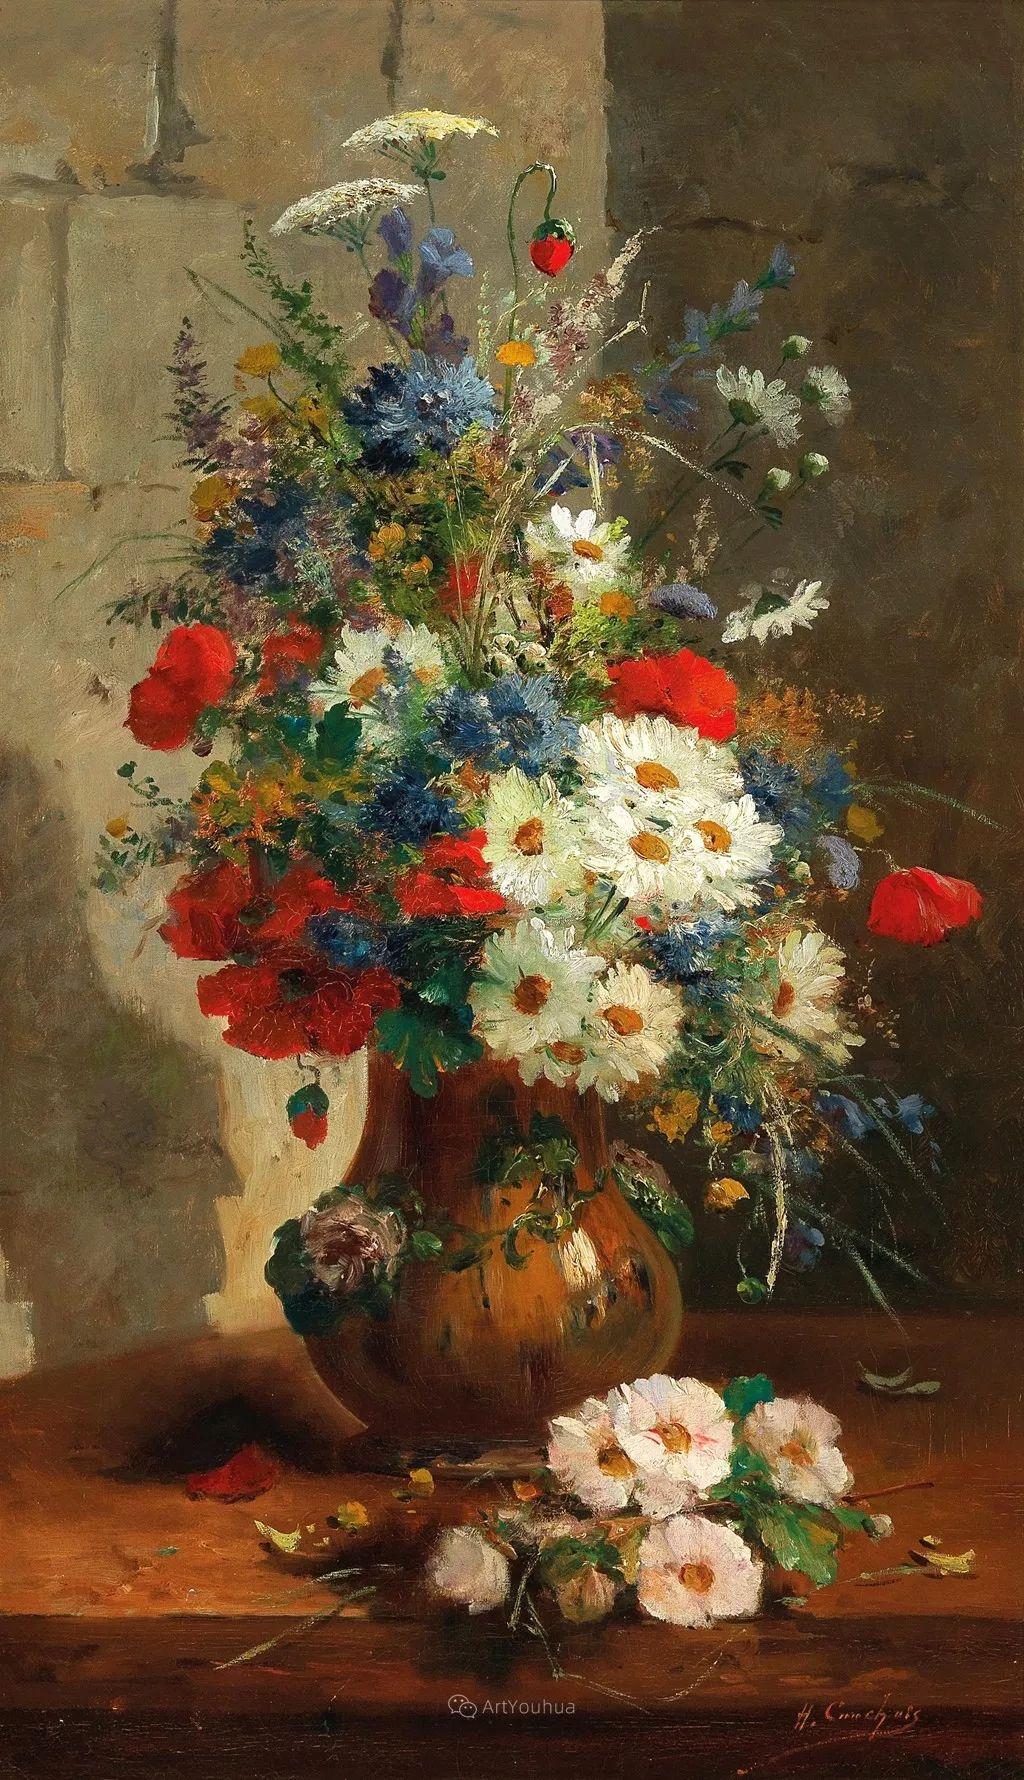 花卉的绽放之美,法国艺术家Eugene Henri Cauchois插图5